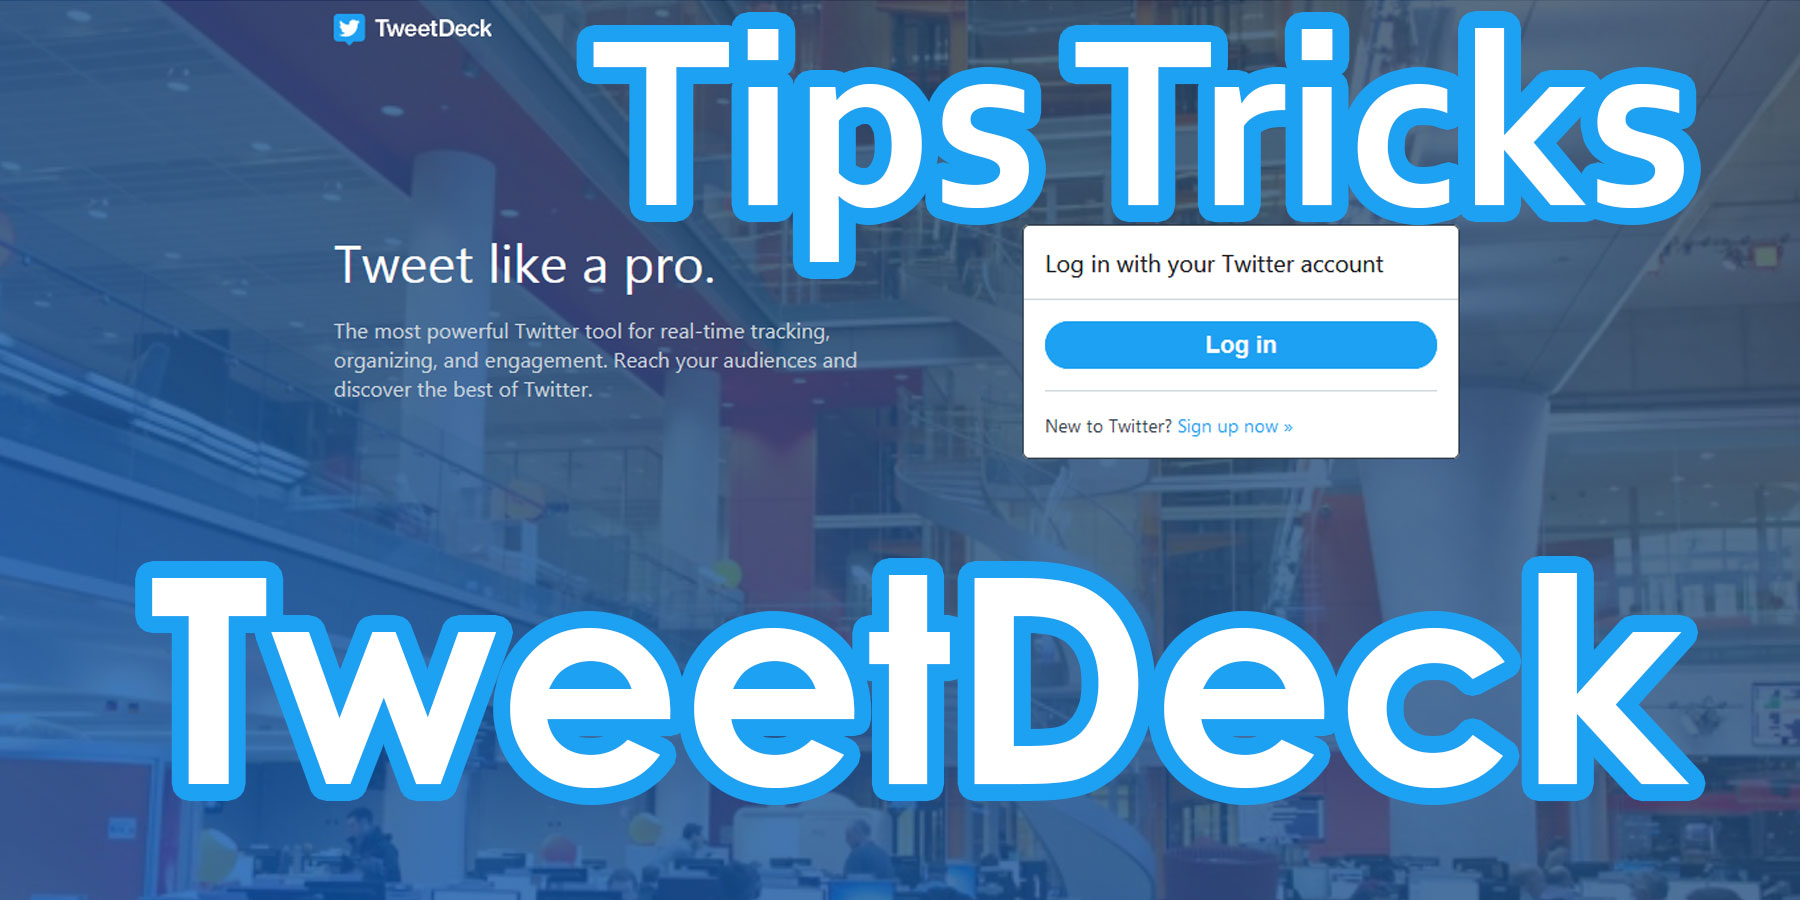 tweetdeck tips tricks